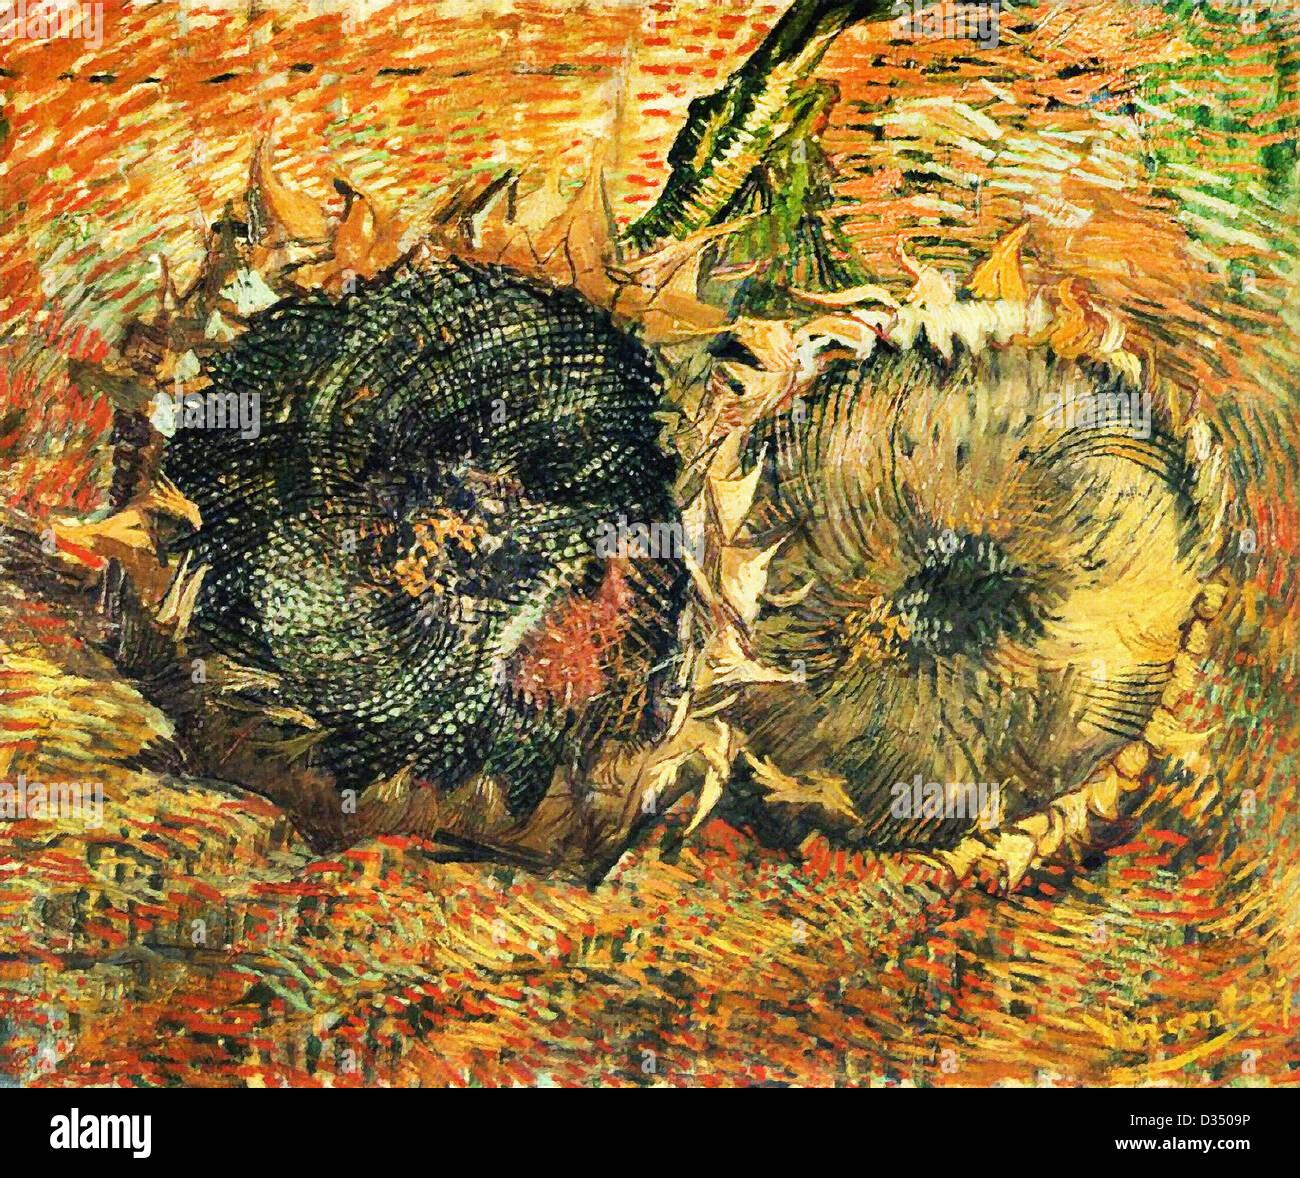 Vincent van Gogh, La vie toujours avec deux Tournesols. 1887. Le postimpressionnisme. Huile sur toile. Kunstmuseum Photo Stock